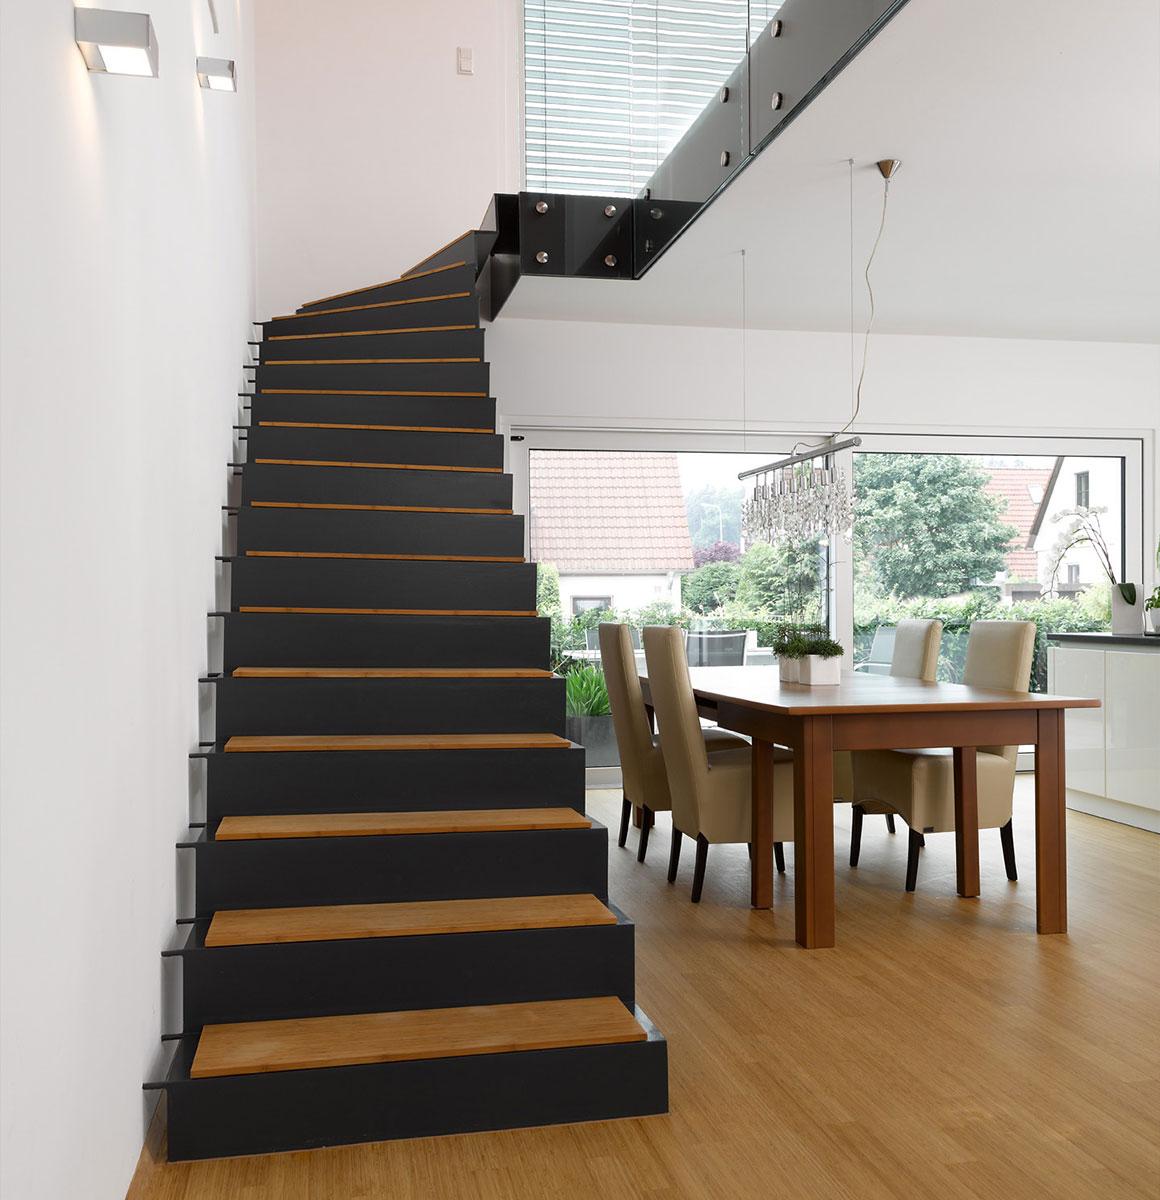 haubner treppen plz 92318 neumark faltwerktreppe mit stufenauflegern aus massivholz finden. Black Bedroom Furniture Sets. Home Design Ideas